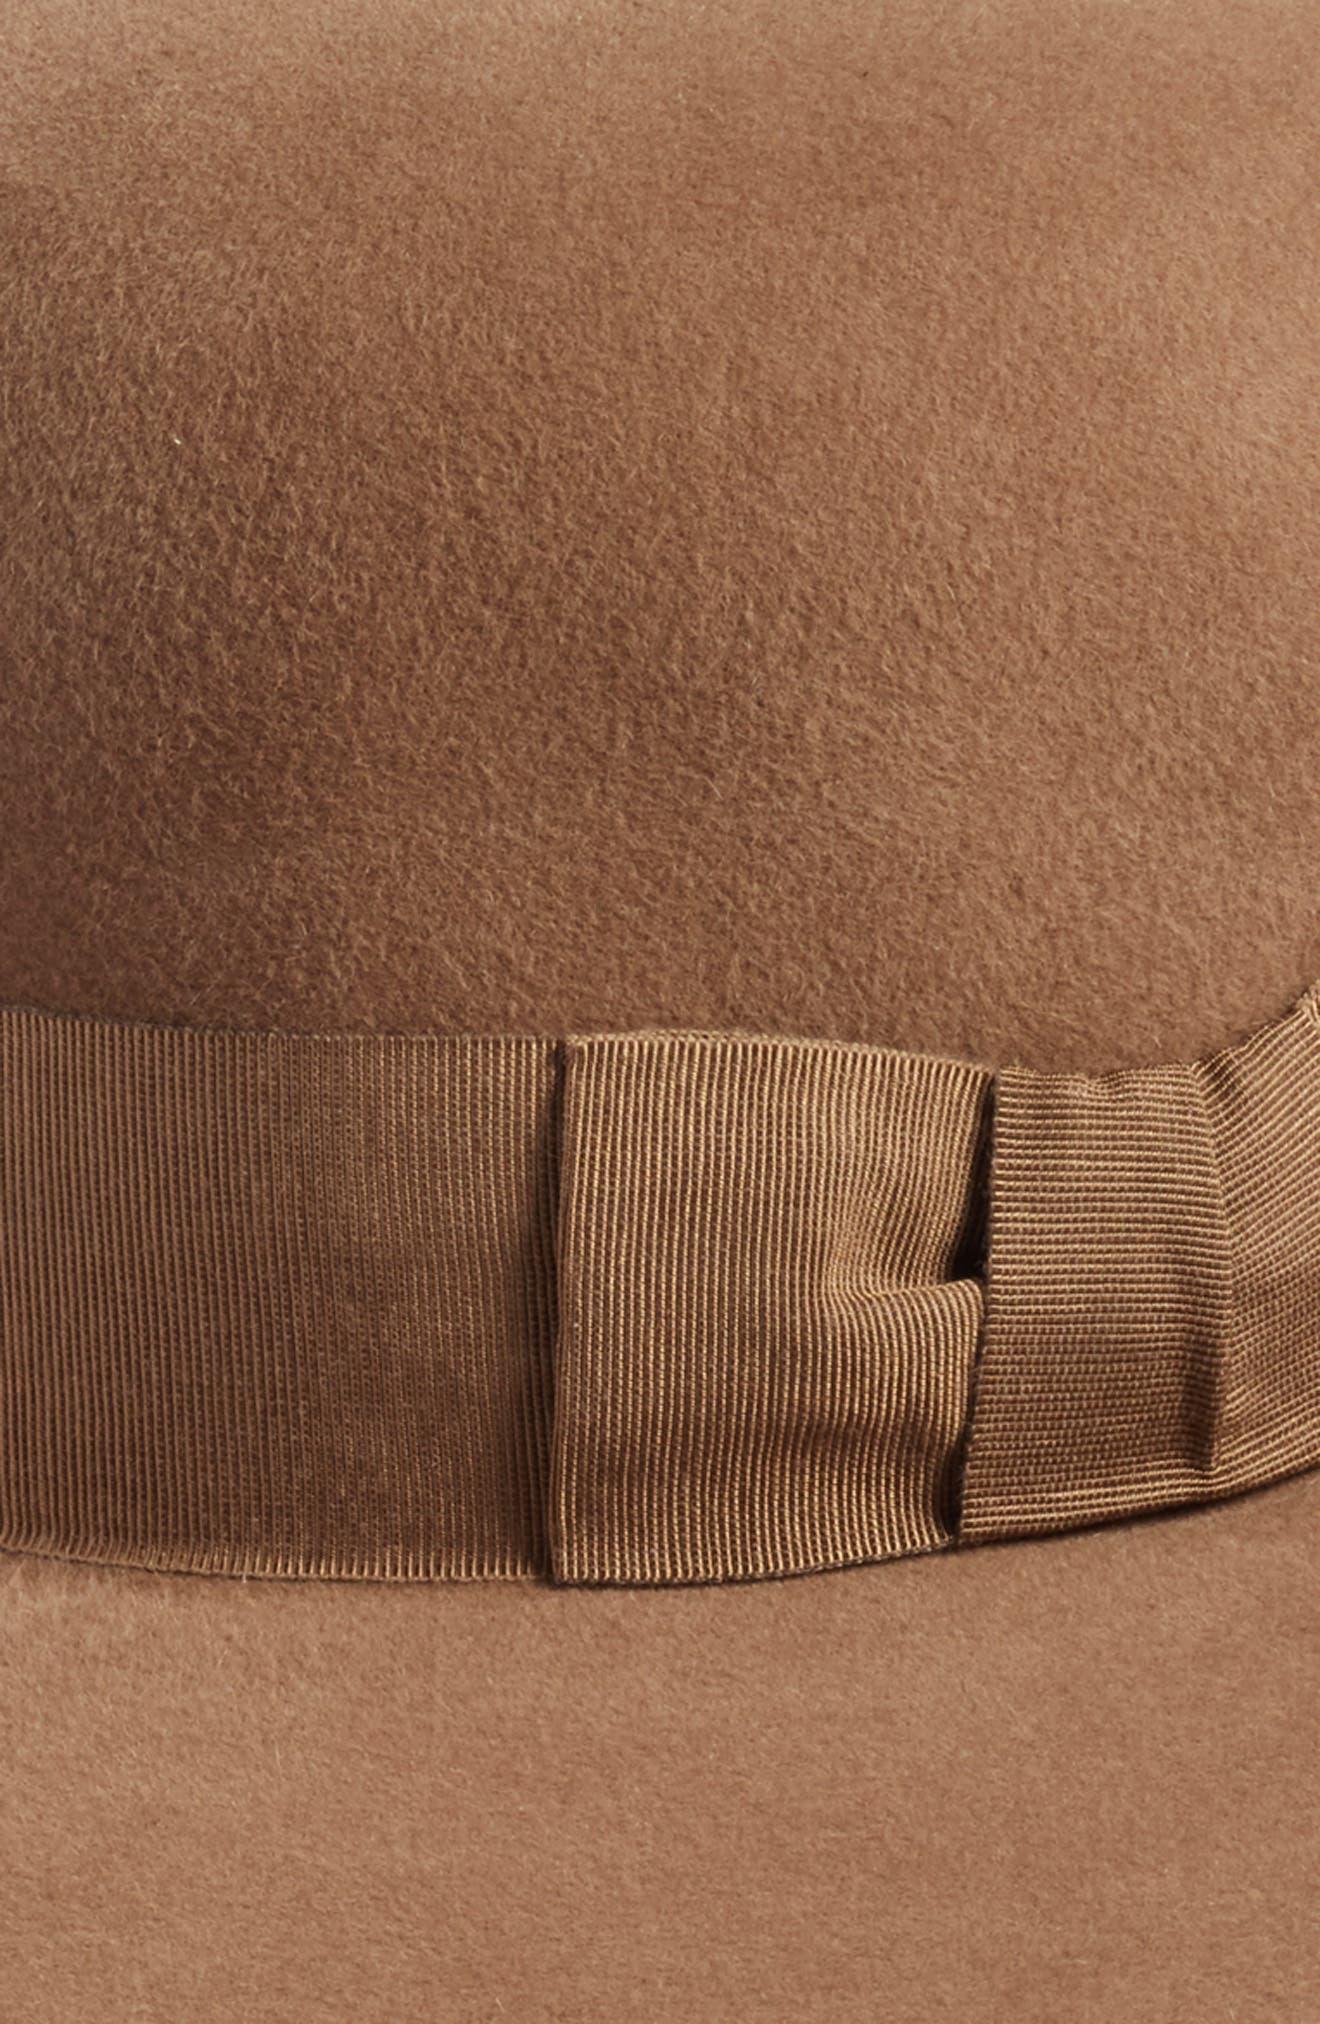 Velour Padre Fur Felt Wide Brim Hat,                             Alternate thumbnail 2, color,                             Camel